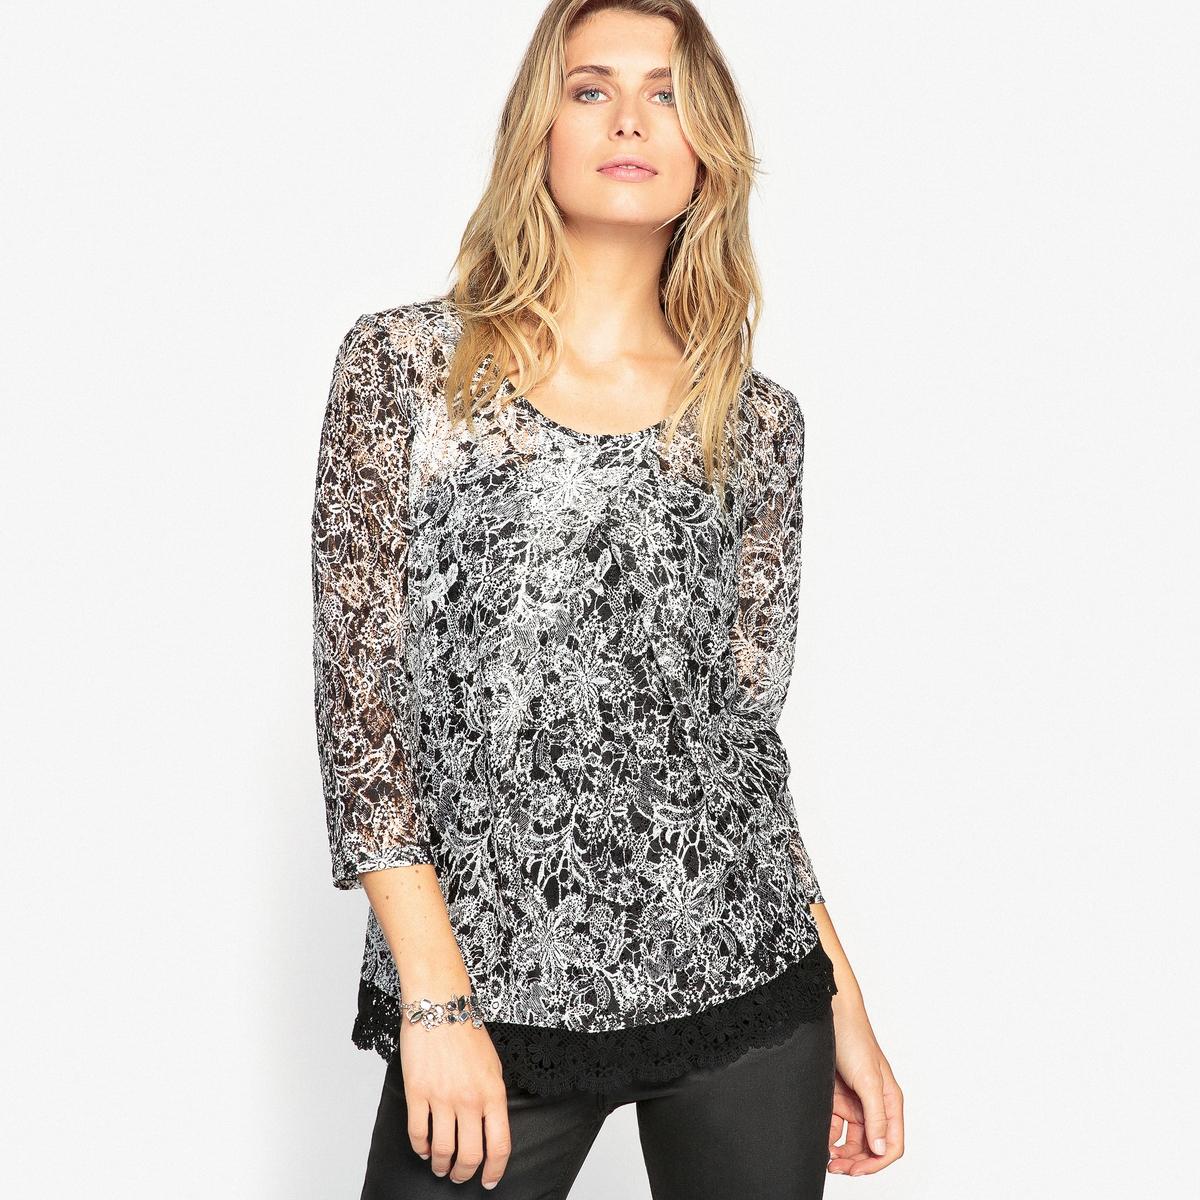 Блузка кружевная с рисункомКружевная блузка с рисунком. Очень женственная модель. Без застежки. Круглый вырез со встречными складками.Описание   •  Рукава 3/4 •  Круглый вырез •  Рисунок-принтСостав и уход   •  2% эластана, 98% полиэстера  •  Температура стирки 30° на деликатном режиме   •  Сухая чистка и отбеливание запрещены •  Не использовать барабанную сушку   •  Низкая температура глажки  Блузка из 100% хлопка снизу с отделкой оригинальным гипюром и фестонами. удлиненная модель. 62 см.<br><br>Цвет: черный/экрю<br>Размер: 50 (FR) - 56 (RUS).40 (FR) - 46 (RUS).46 (FR) - 52 (RUS).38 (FR) - 44 (RUS).44 (FR) - 50 (RUS)